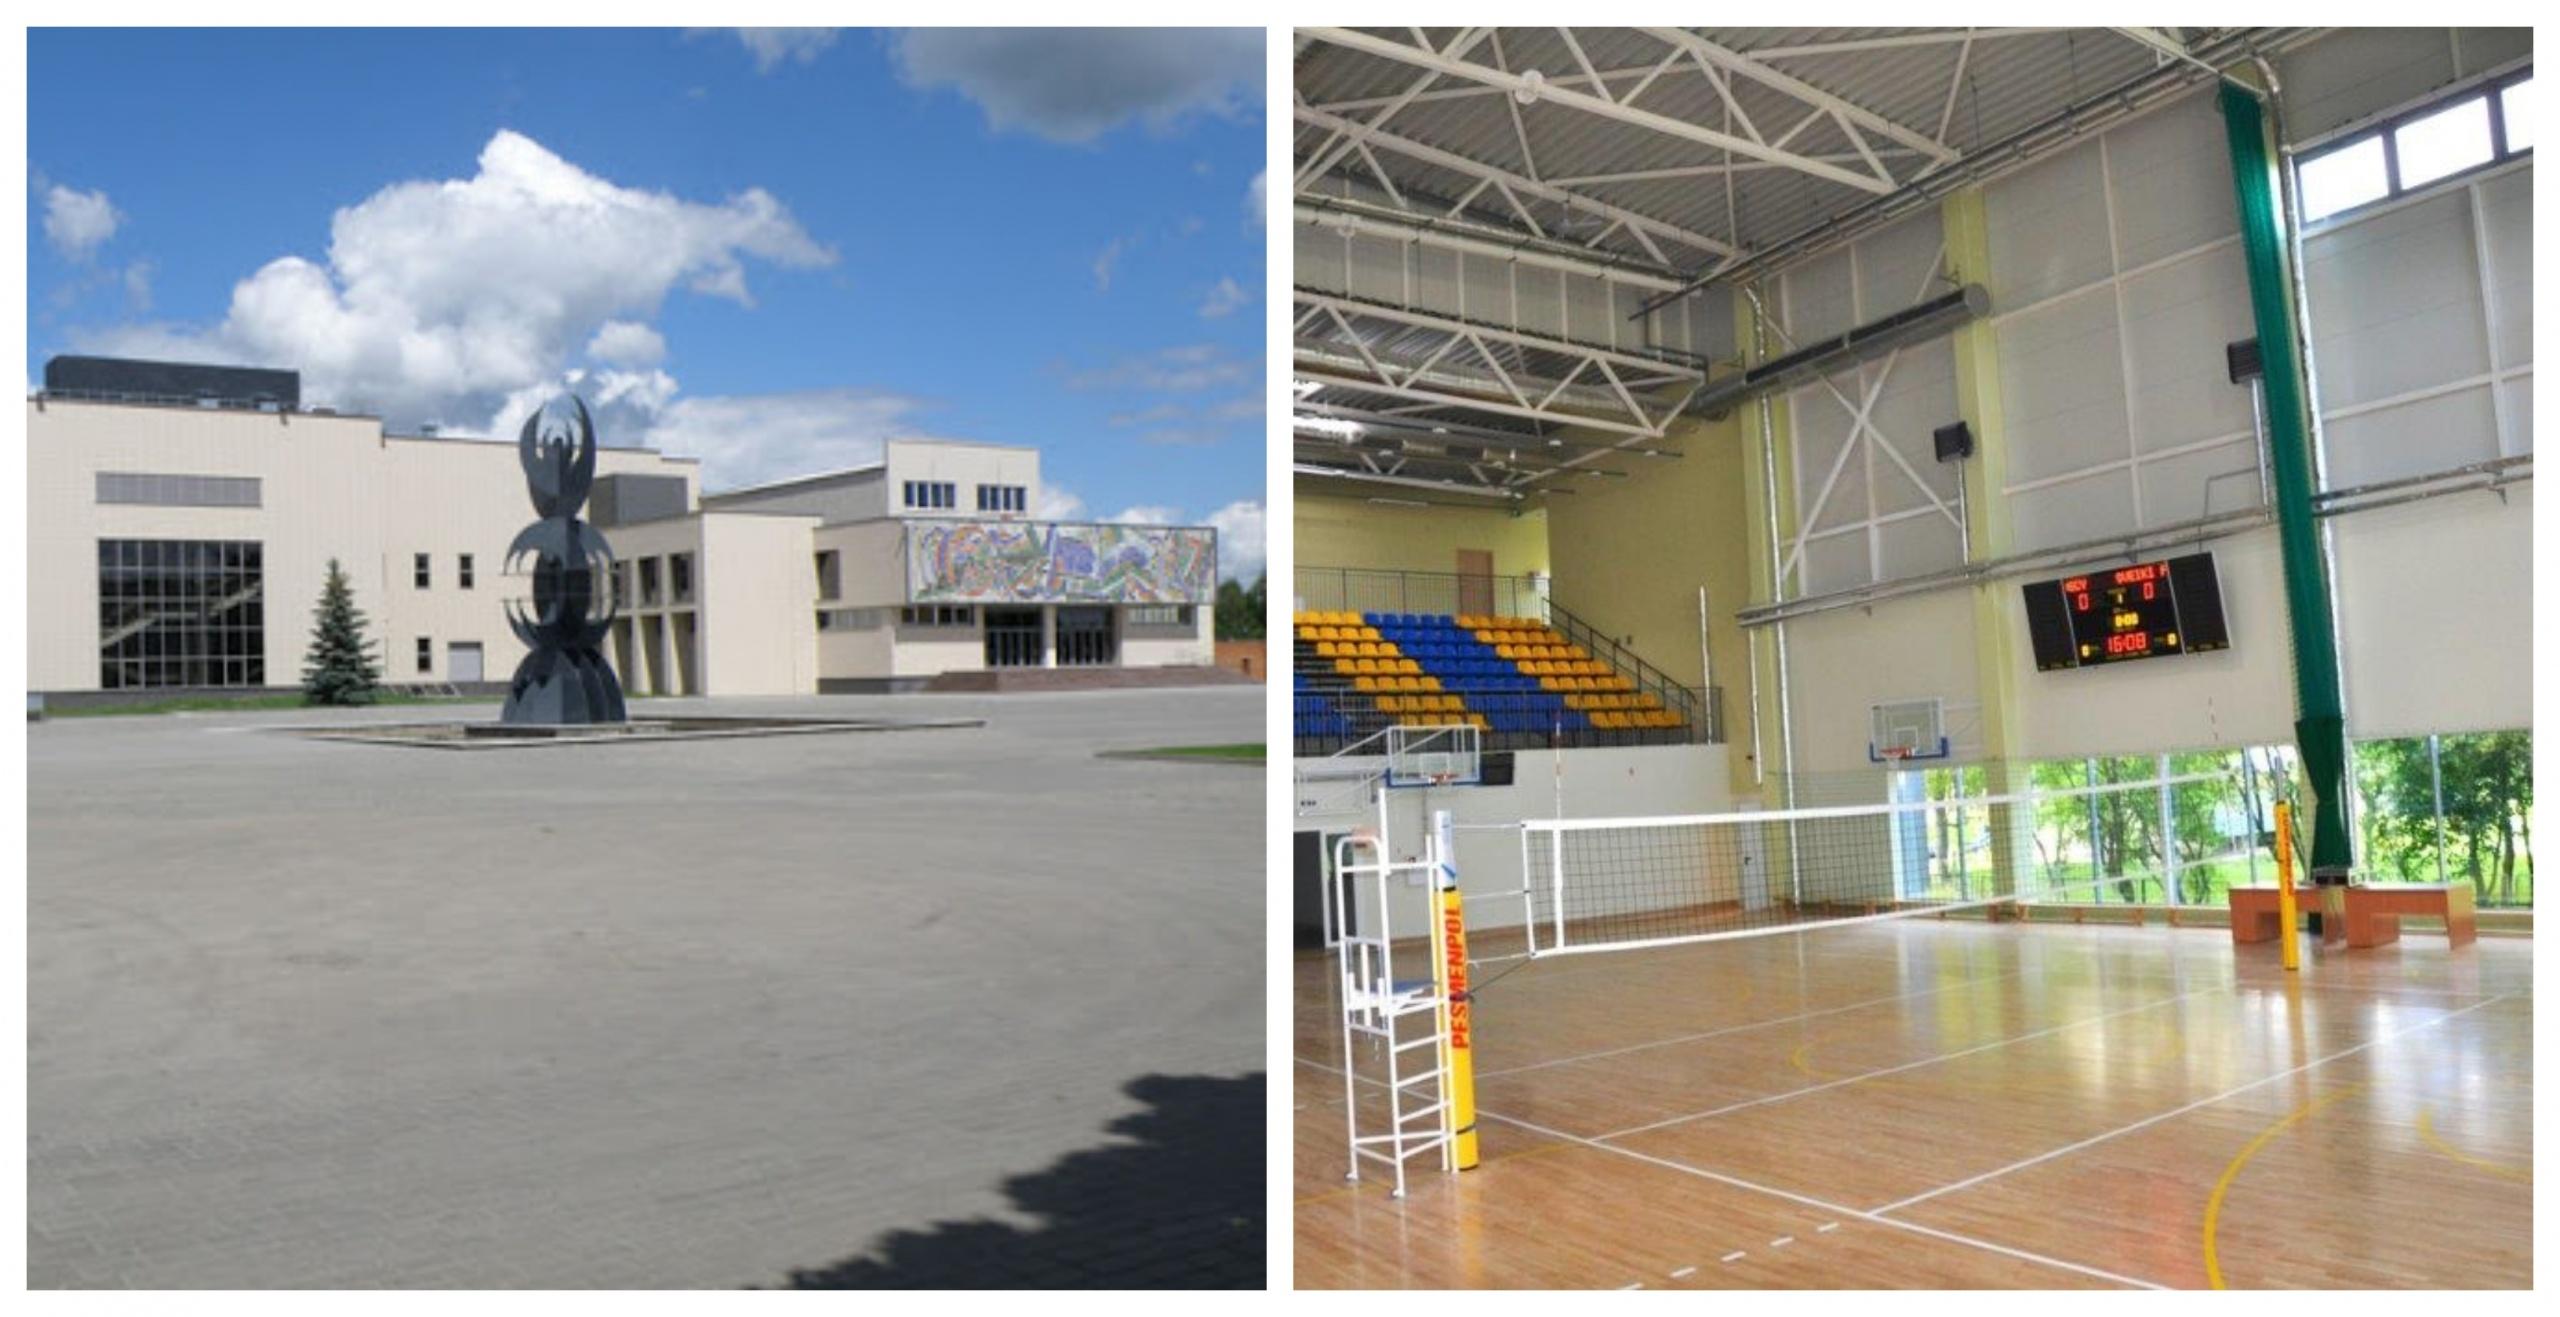 Tinklinio sporto salė – Alytaus sporto ir rekreacijos centro rankose 1